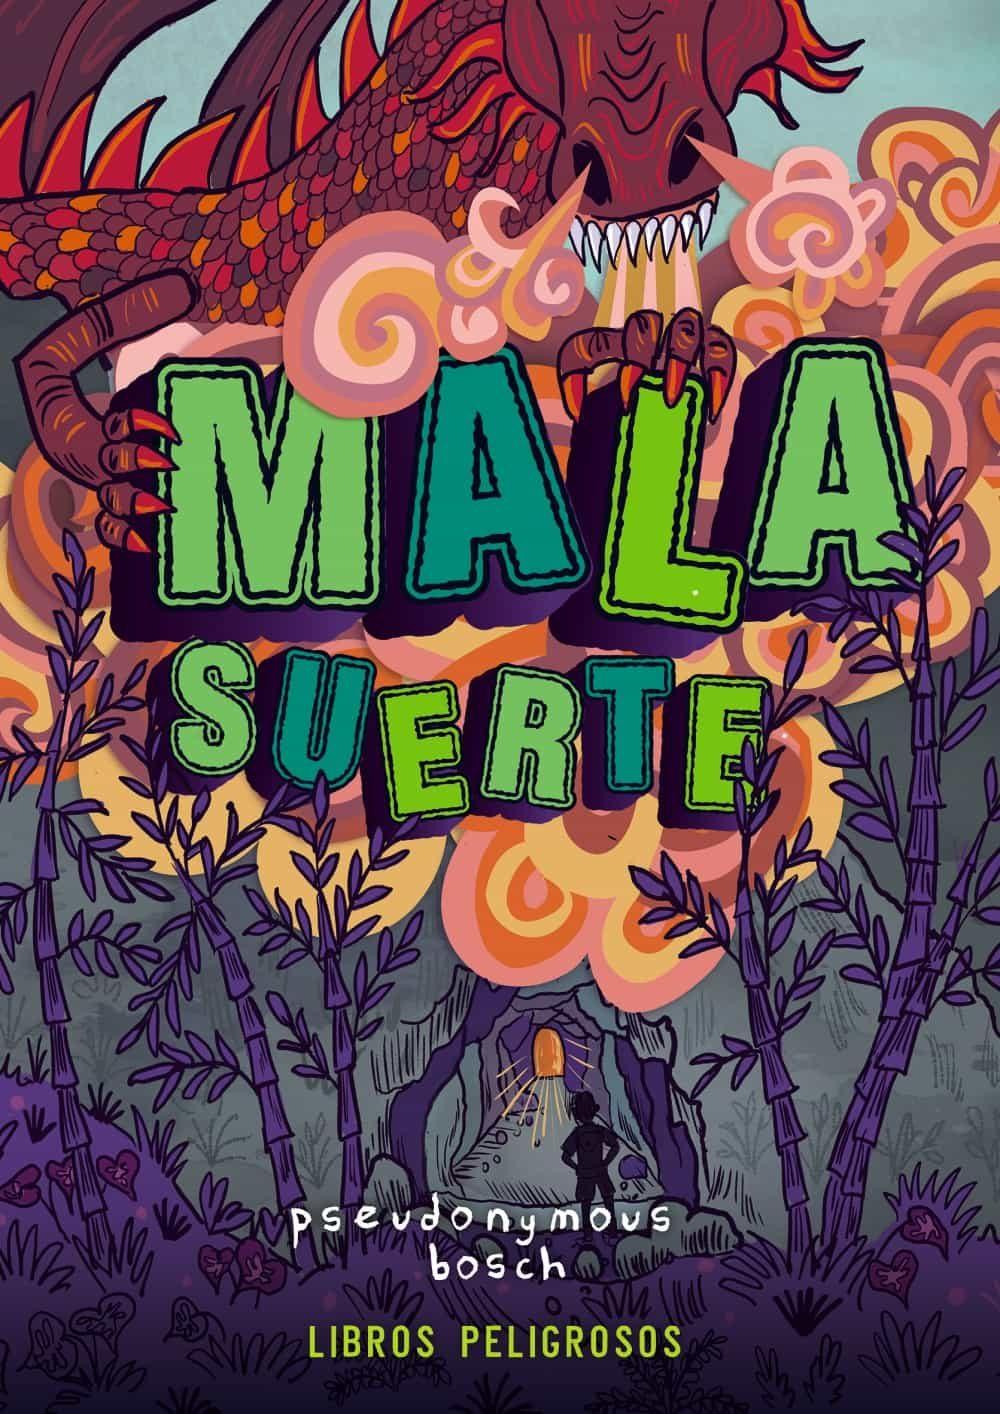 Mala Suerte (libros Peligrosos 2) - Bosch Pseudonymous